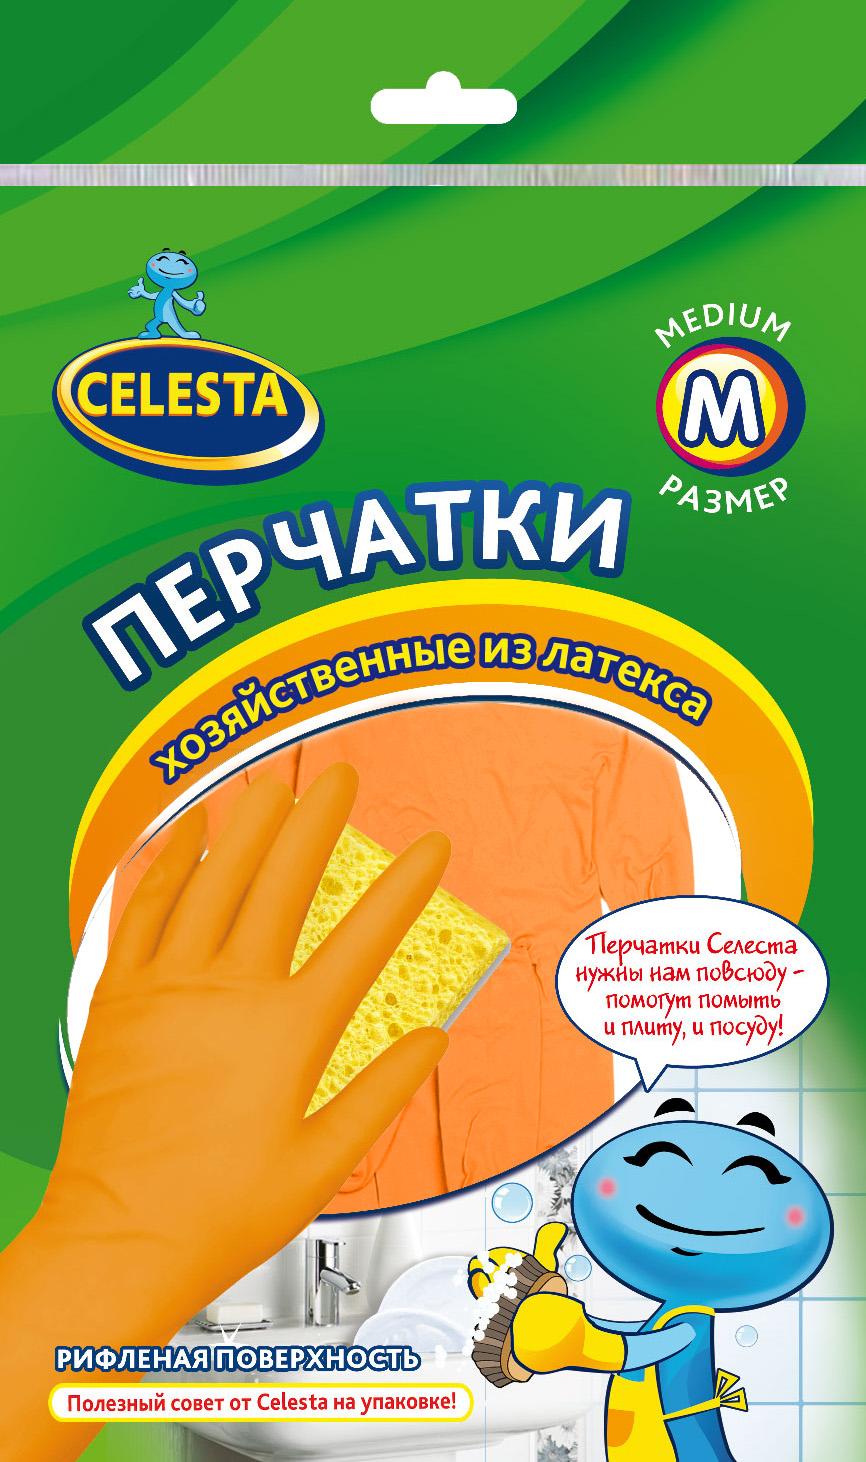 Перчатки хозяйственные Celesta, цвет: оранжевый. Размер М4192Универсальные перчатки Celesta, произведены из высококачественного латекса, рифленая поверхность позволяет удерживать мокрые предметы. Перчатки подходят для различных видов домашних работ. Перчатки эластичны, хорошо облегают руку.